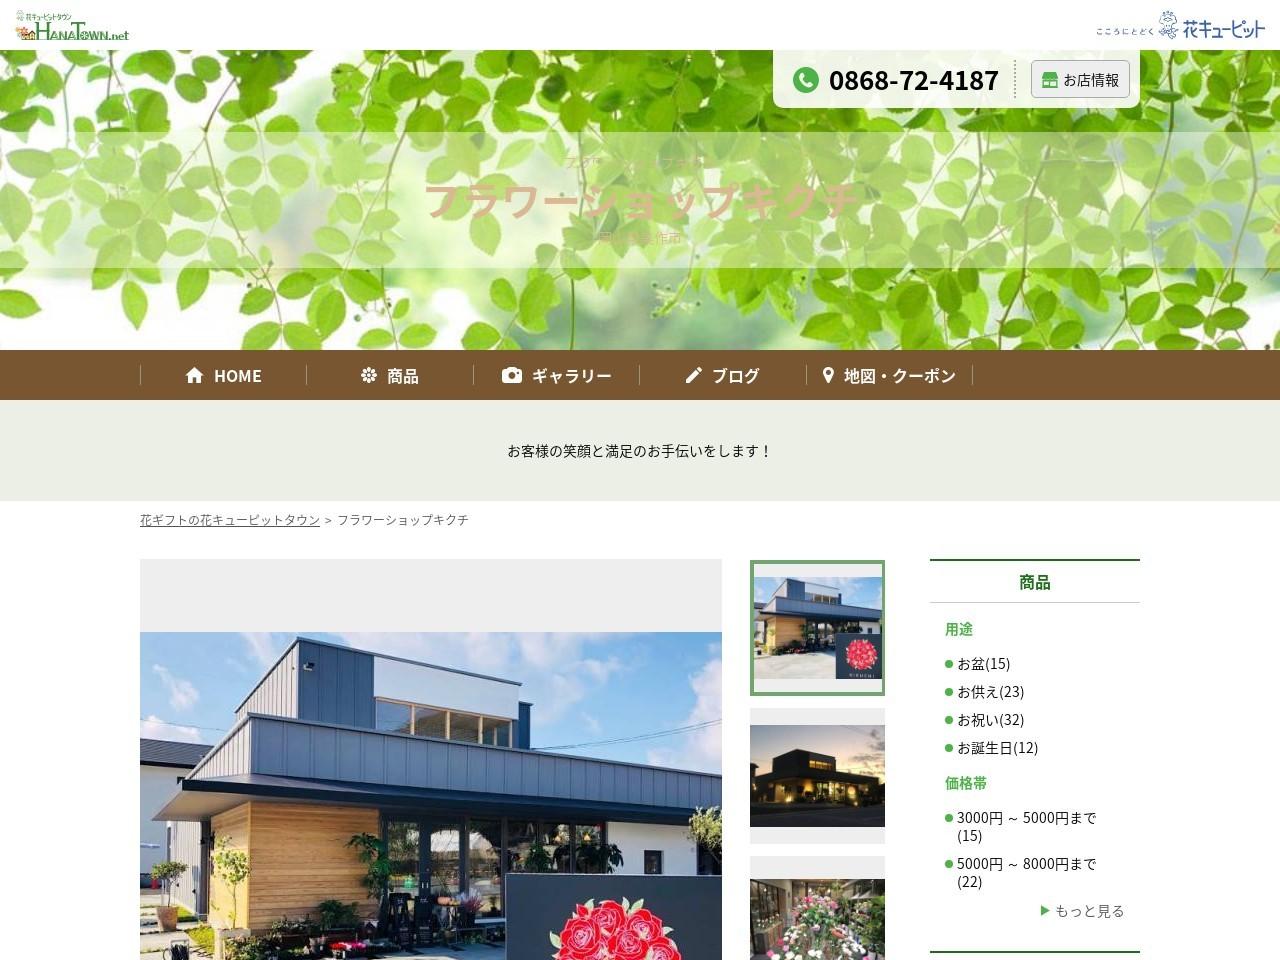 岡山県美作市の花屋 フラワーショップキクチにフラワーギフトはお任せください。|当店は、安心と信頼の花キューピット加盟店です。|花キューピットタウン